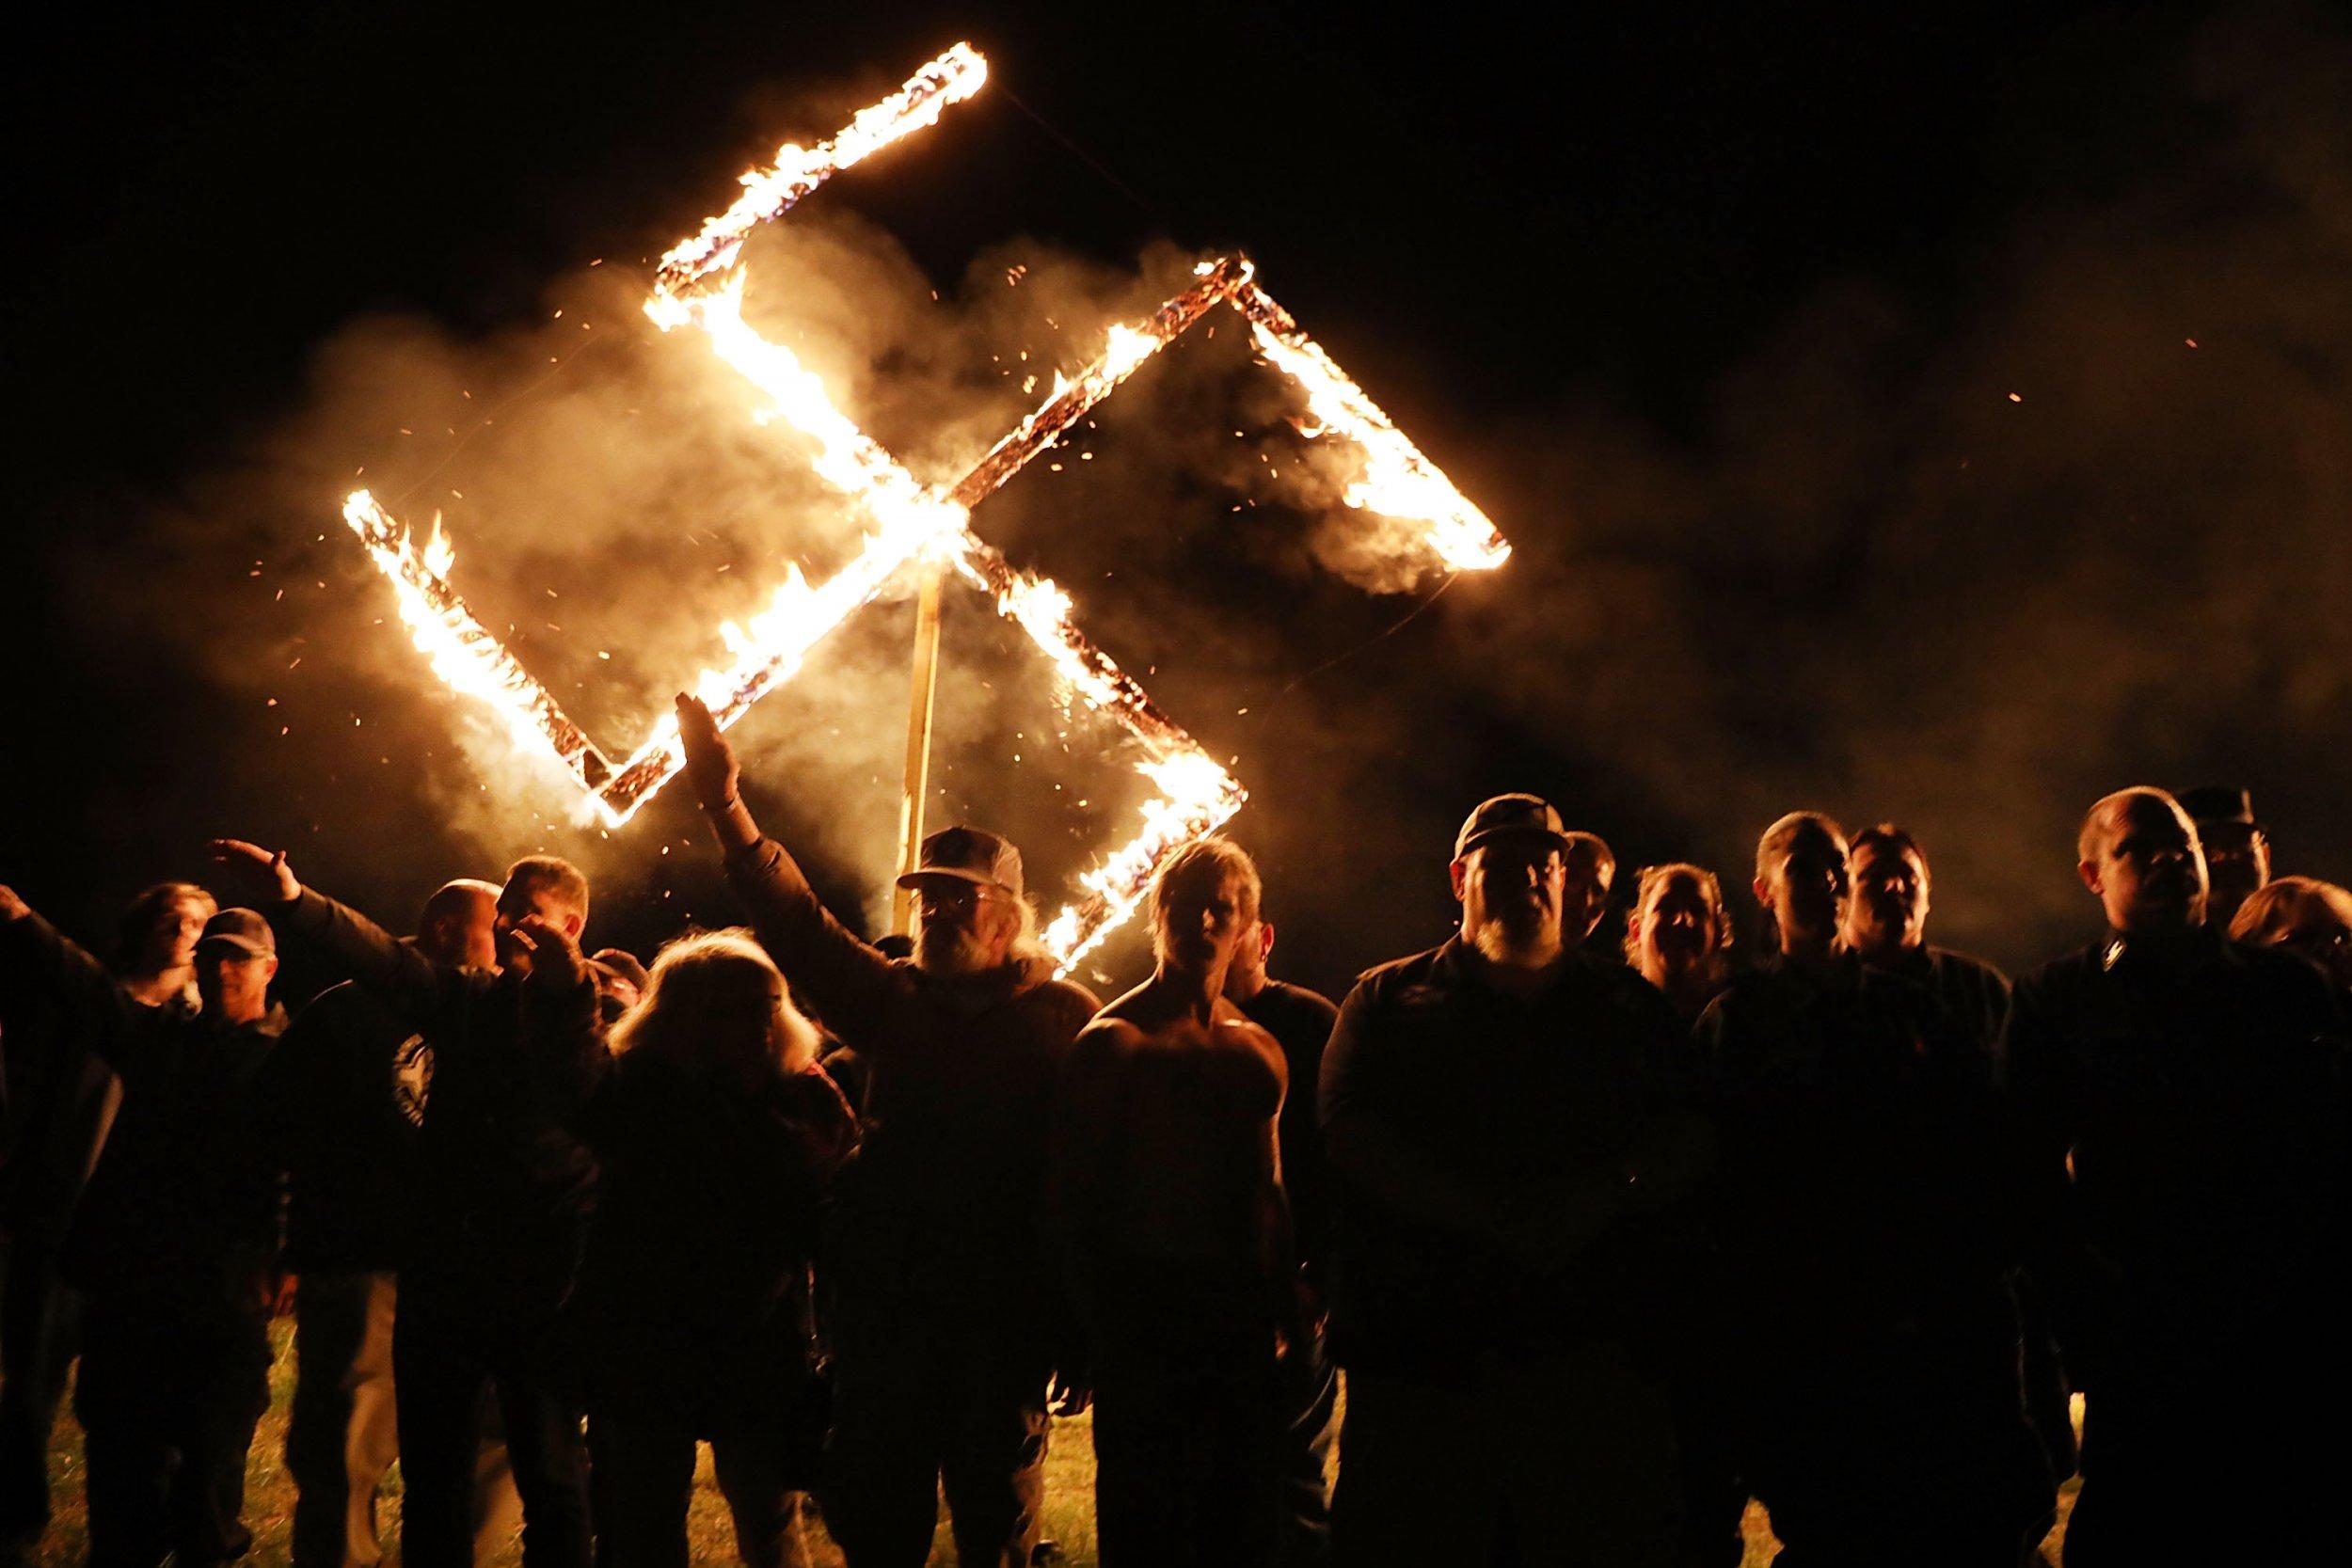 Former KKK Member Now Denounces Hate Groups